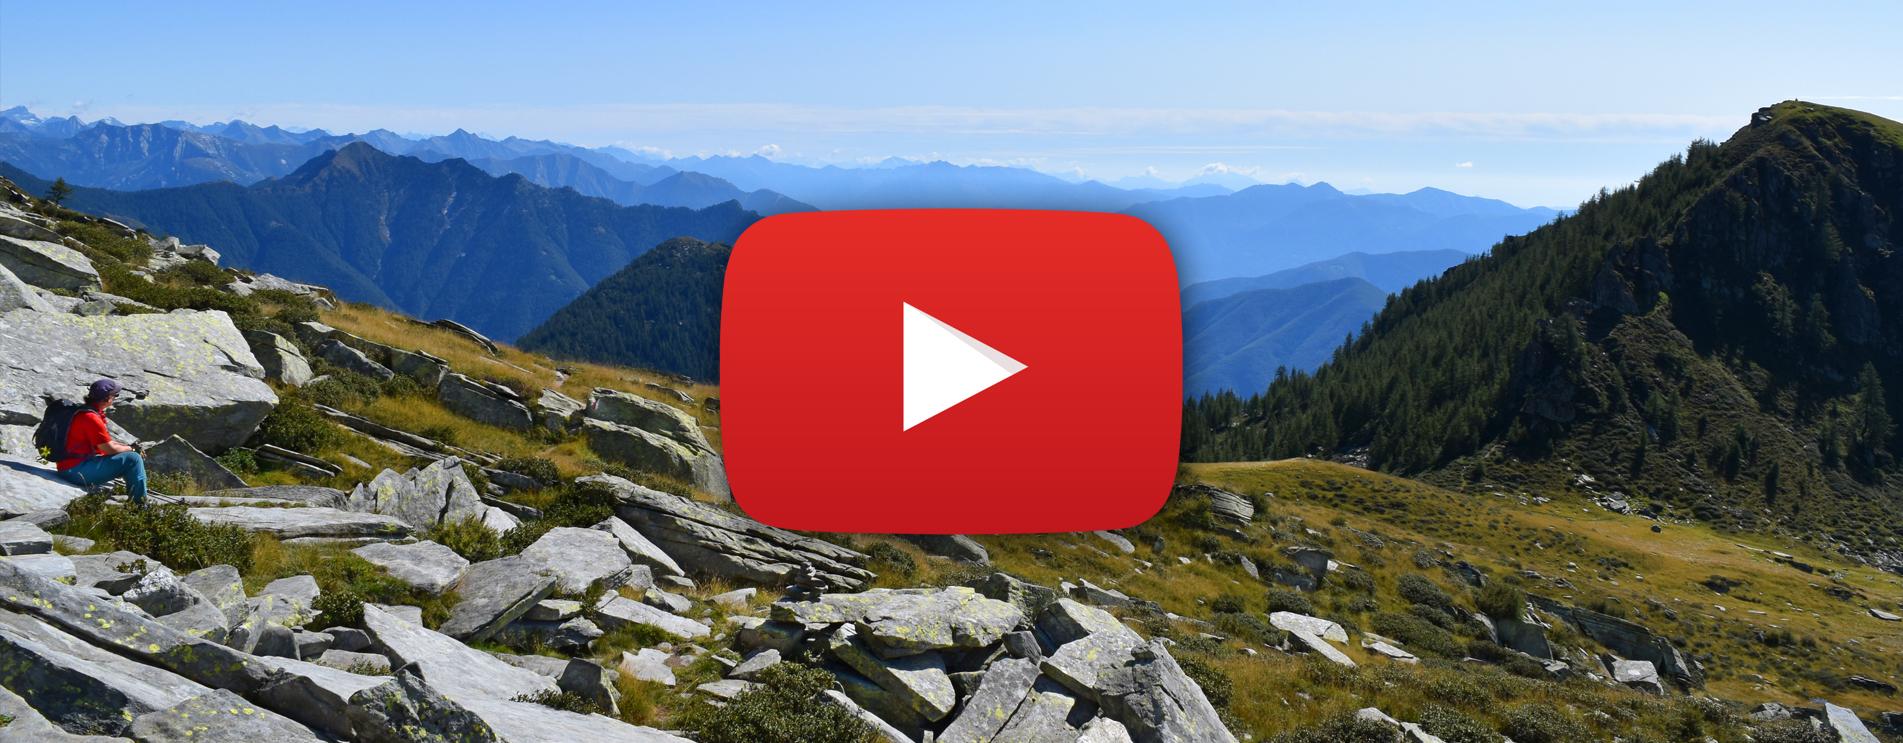 Film / Video Jahresrückblick 2019 auf die Wanderungen von WegWandern.ch